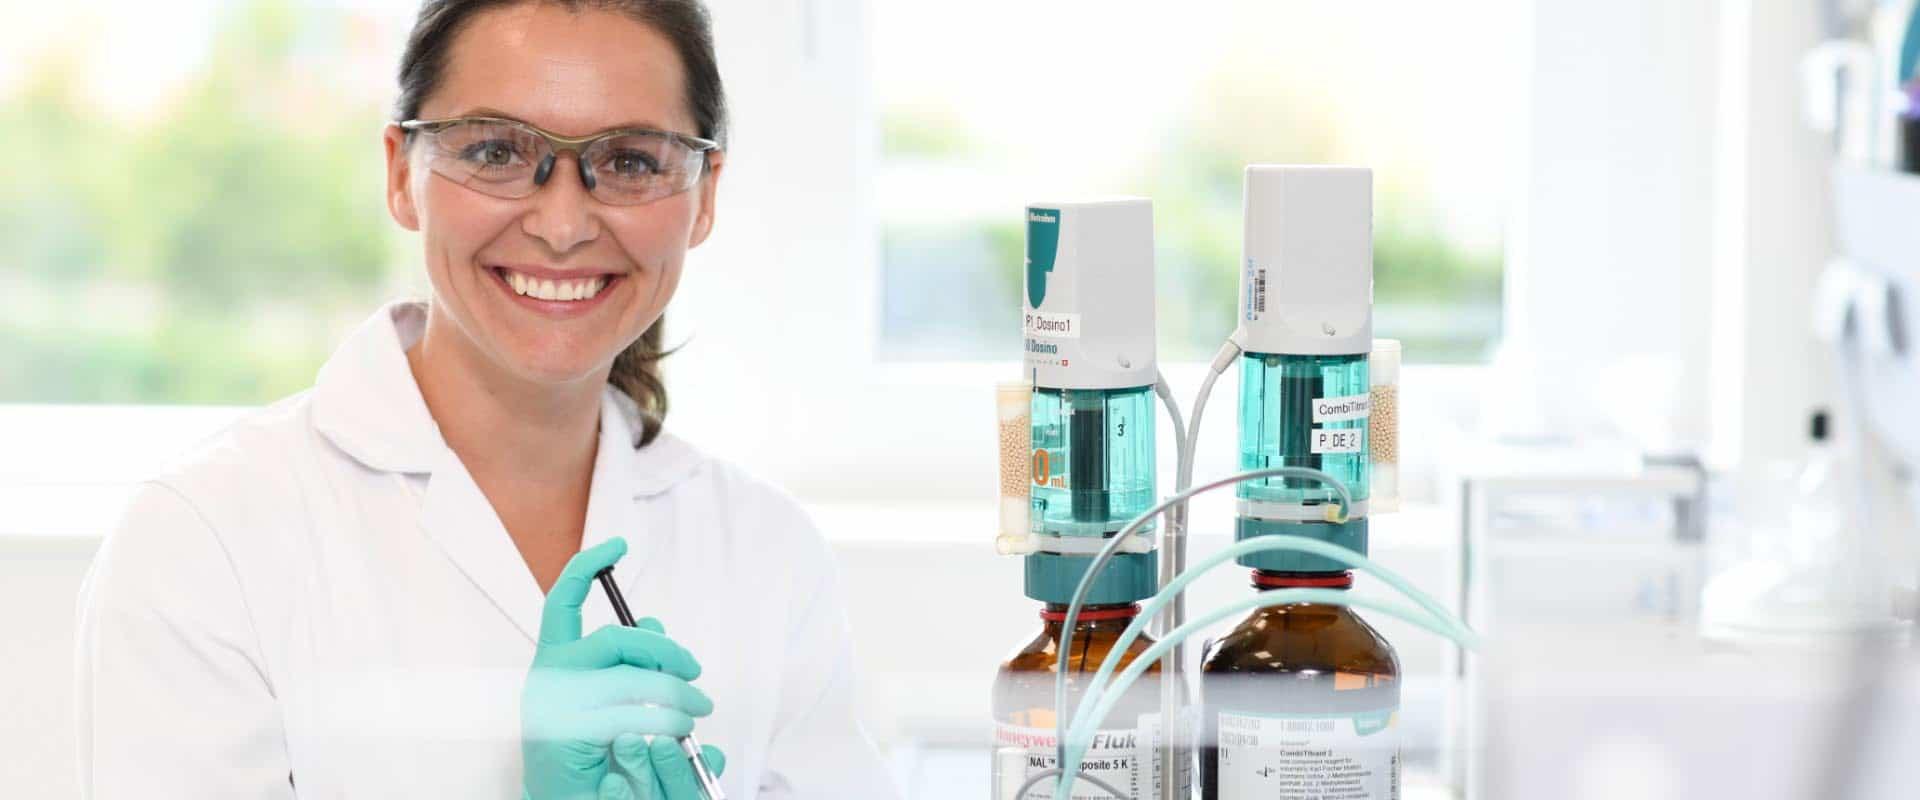 Labor Pharmaproduktion Qualitätskontrolle Mitarbeiter Employer Branding für Excella, Pharma, Webdesign, Recruiting